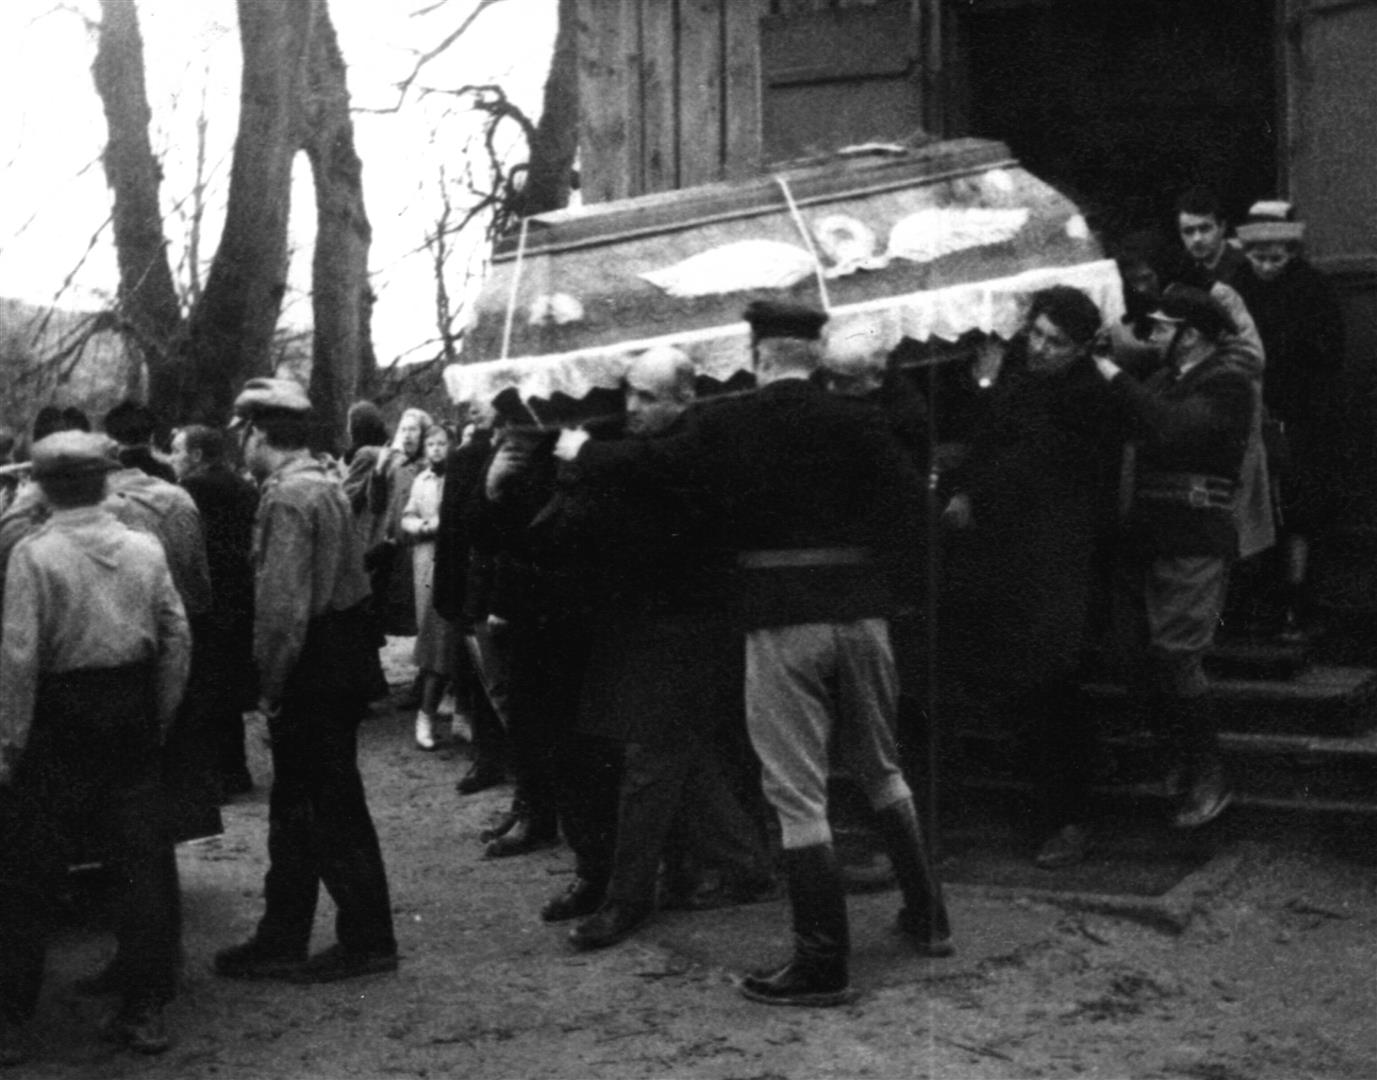 Pogrzeb Józefa Twaroga - trumnę niosą najbliżsi współpracownicy i strażacy OSP. Asystę honorową pełnią harcerze z drużyny szkolnej. Księżomierz 20.11.1964 roku